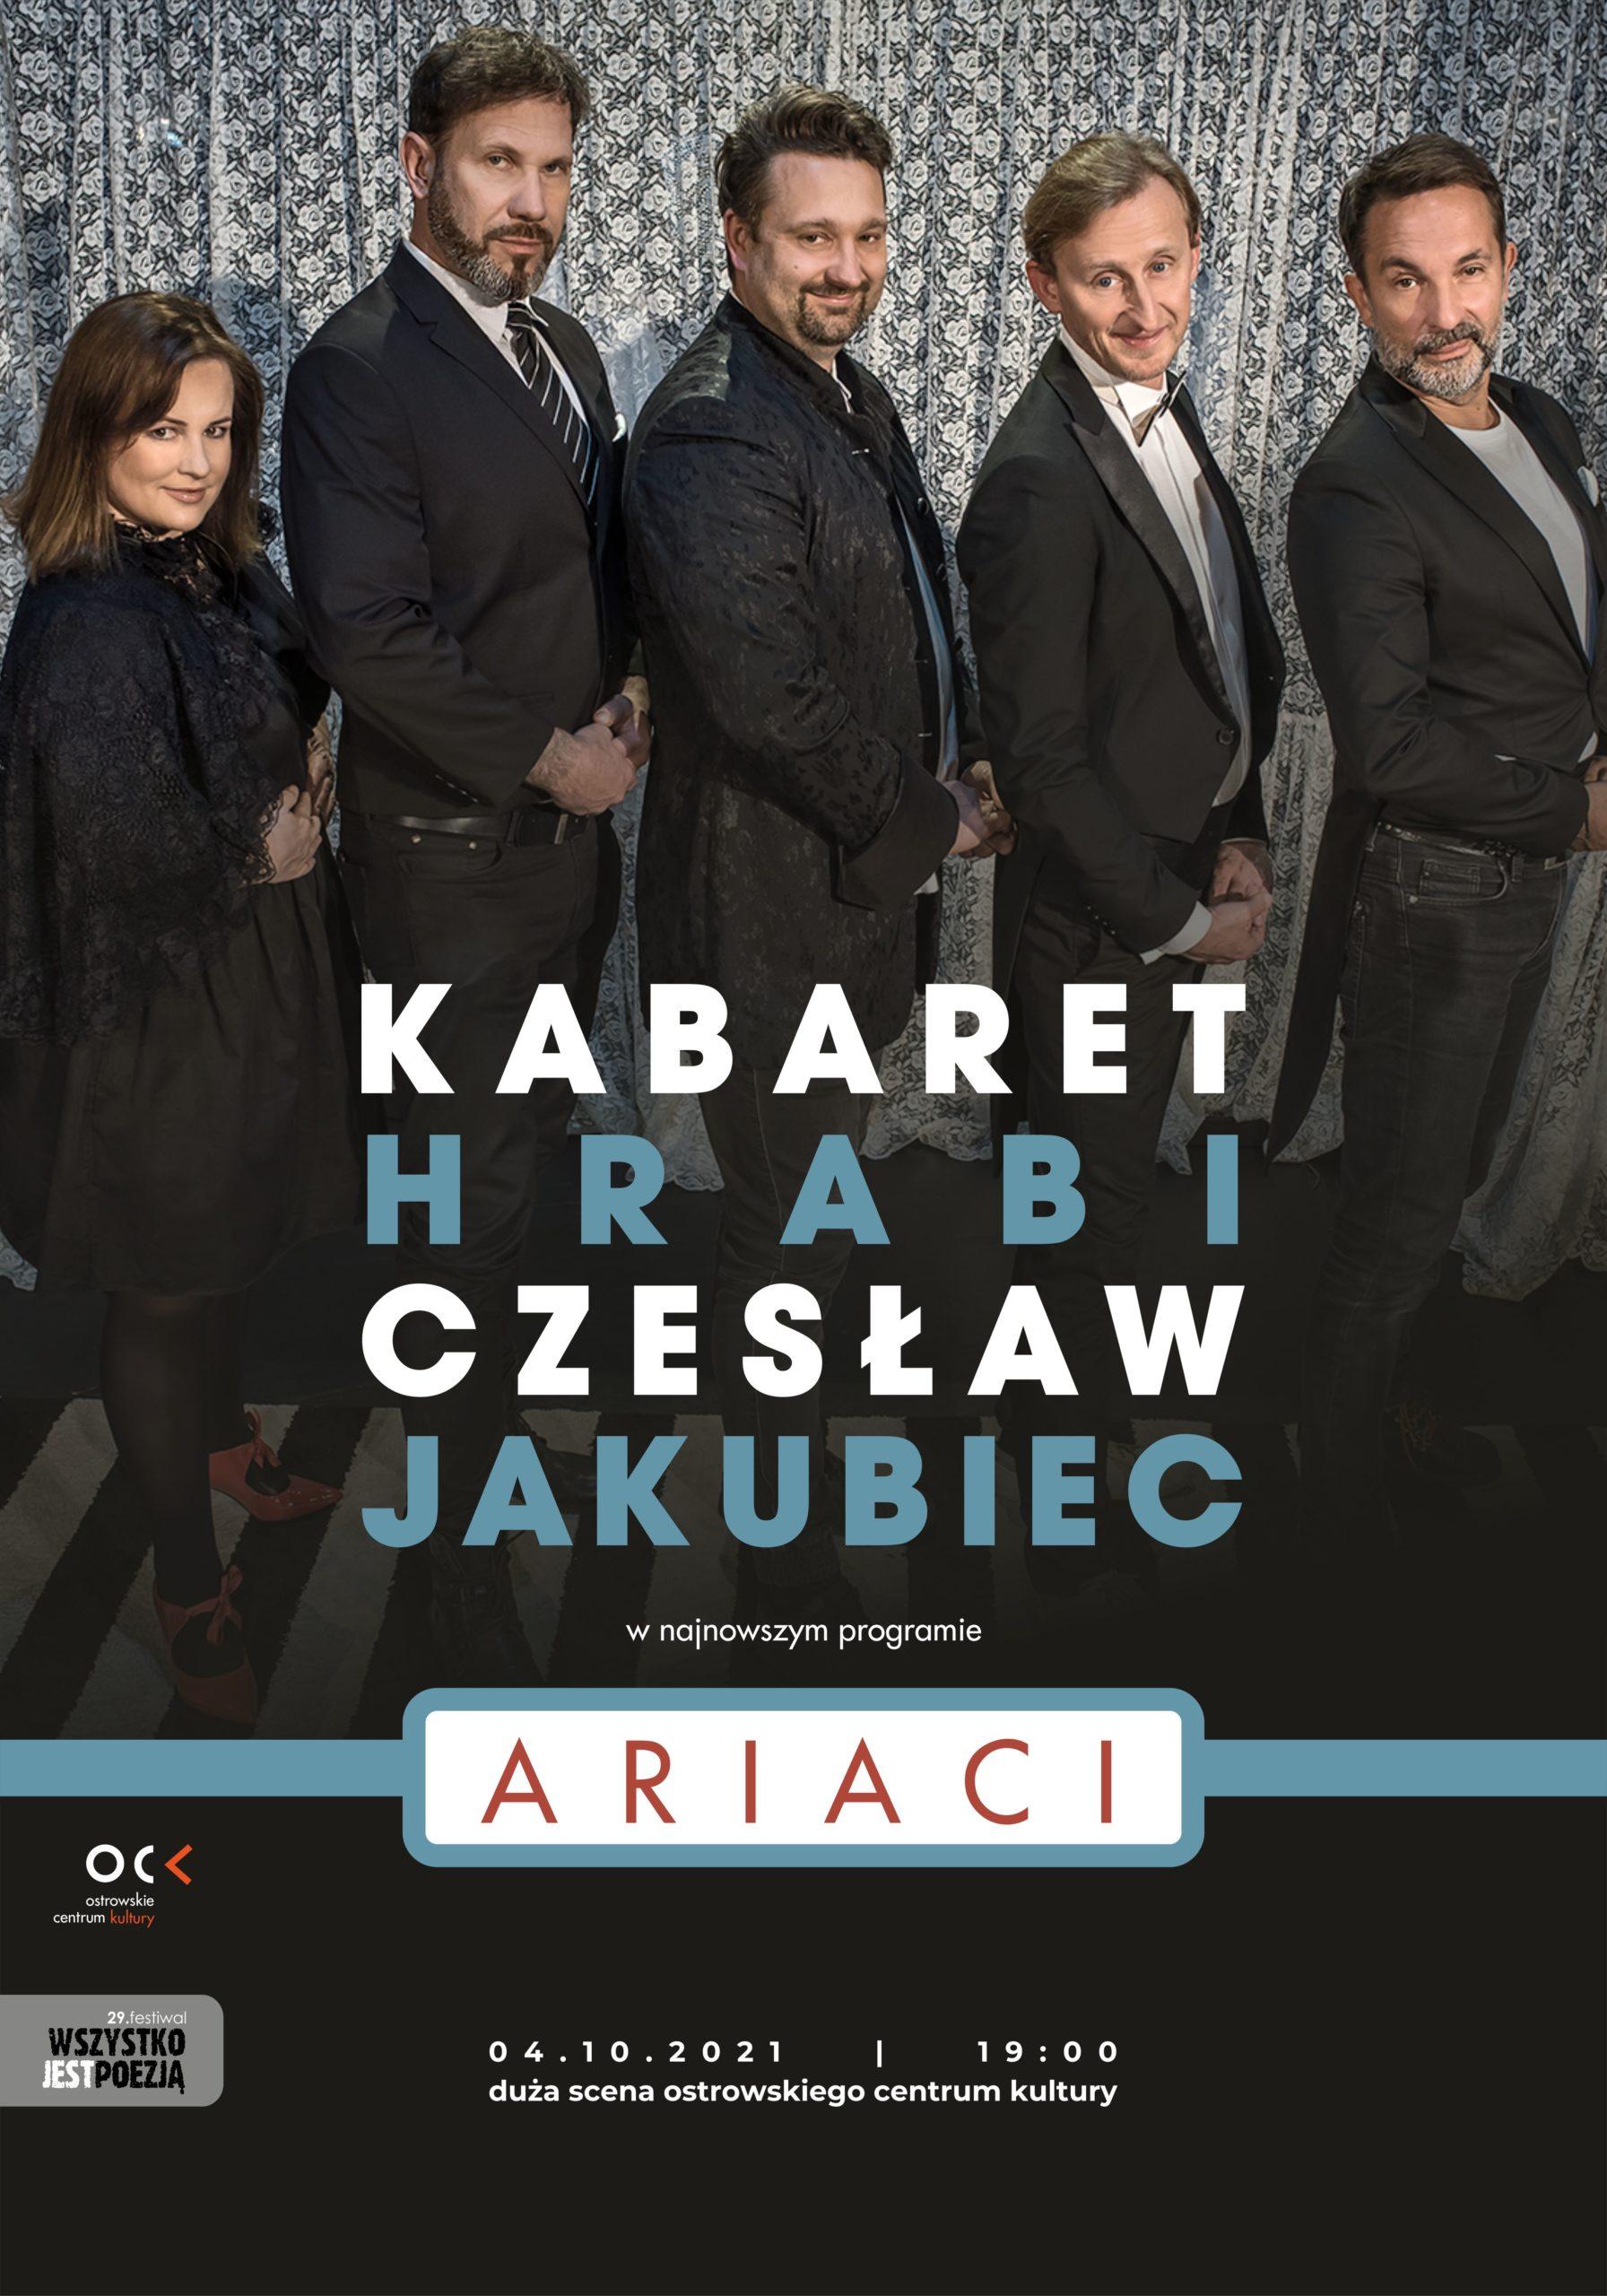 29.WJP | Kabaret Hrabi i Czesław Jakubiec. Ariaci